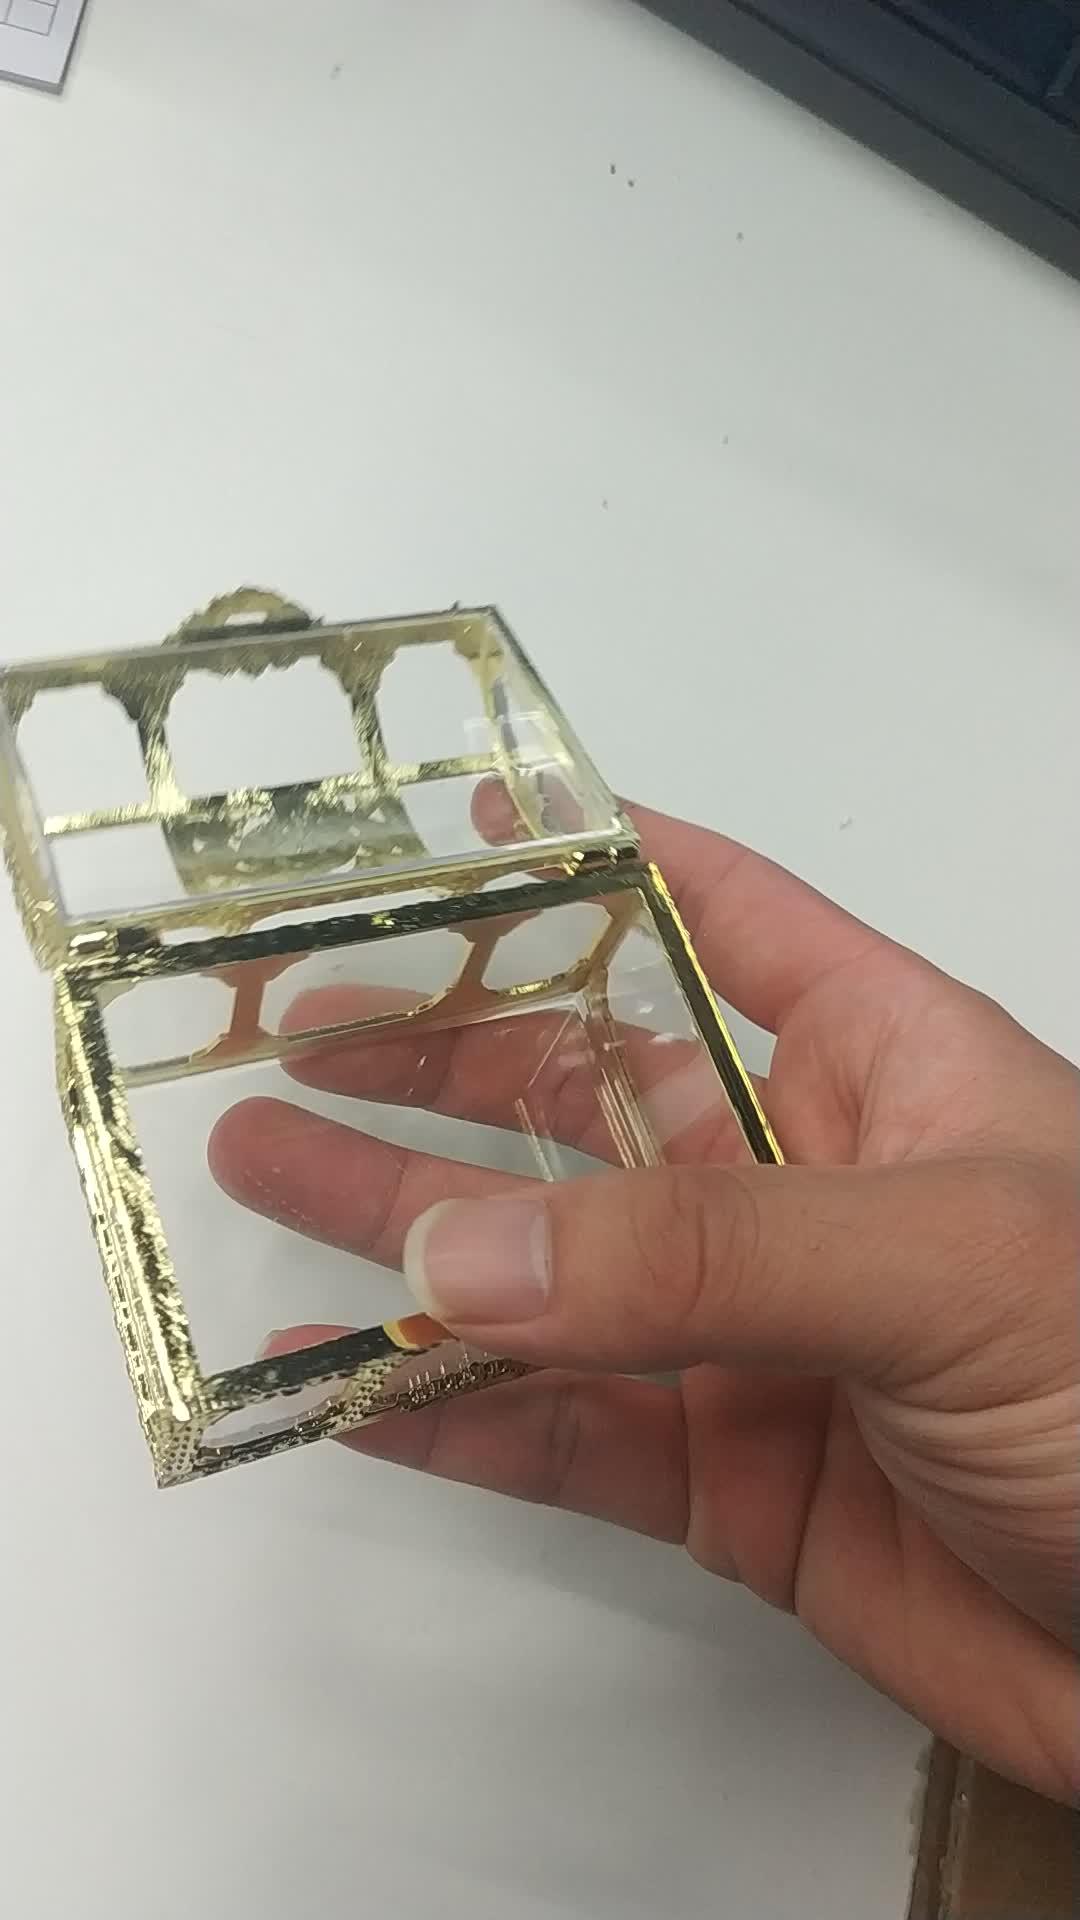 กล่องที่ระลึกงานแต่งงานสมบัติลูกอมกล่องซิลเวอร์โกลด์พลาสติกใสทารกฝักบัวกล่องขนมพลาสติก